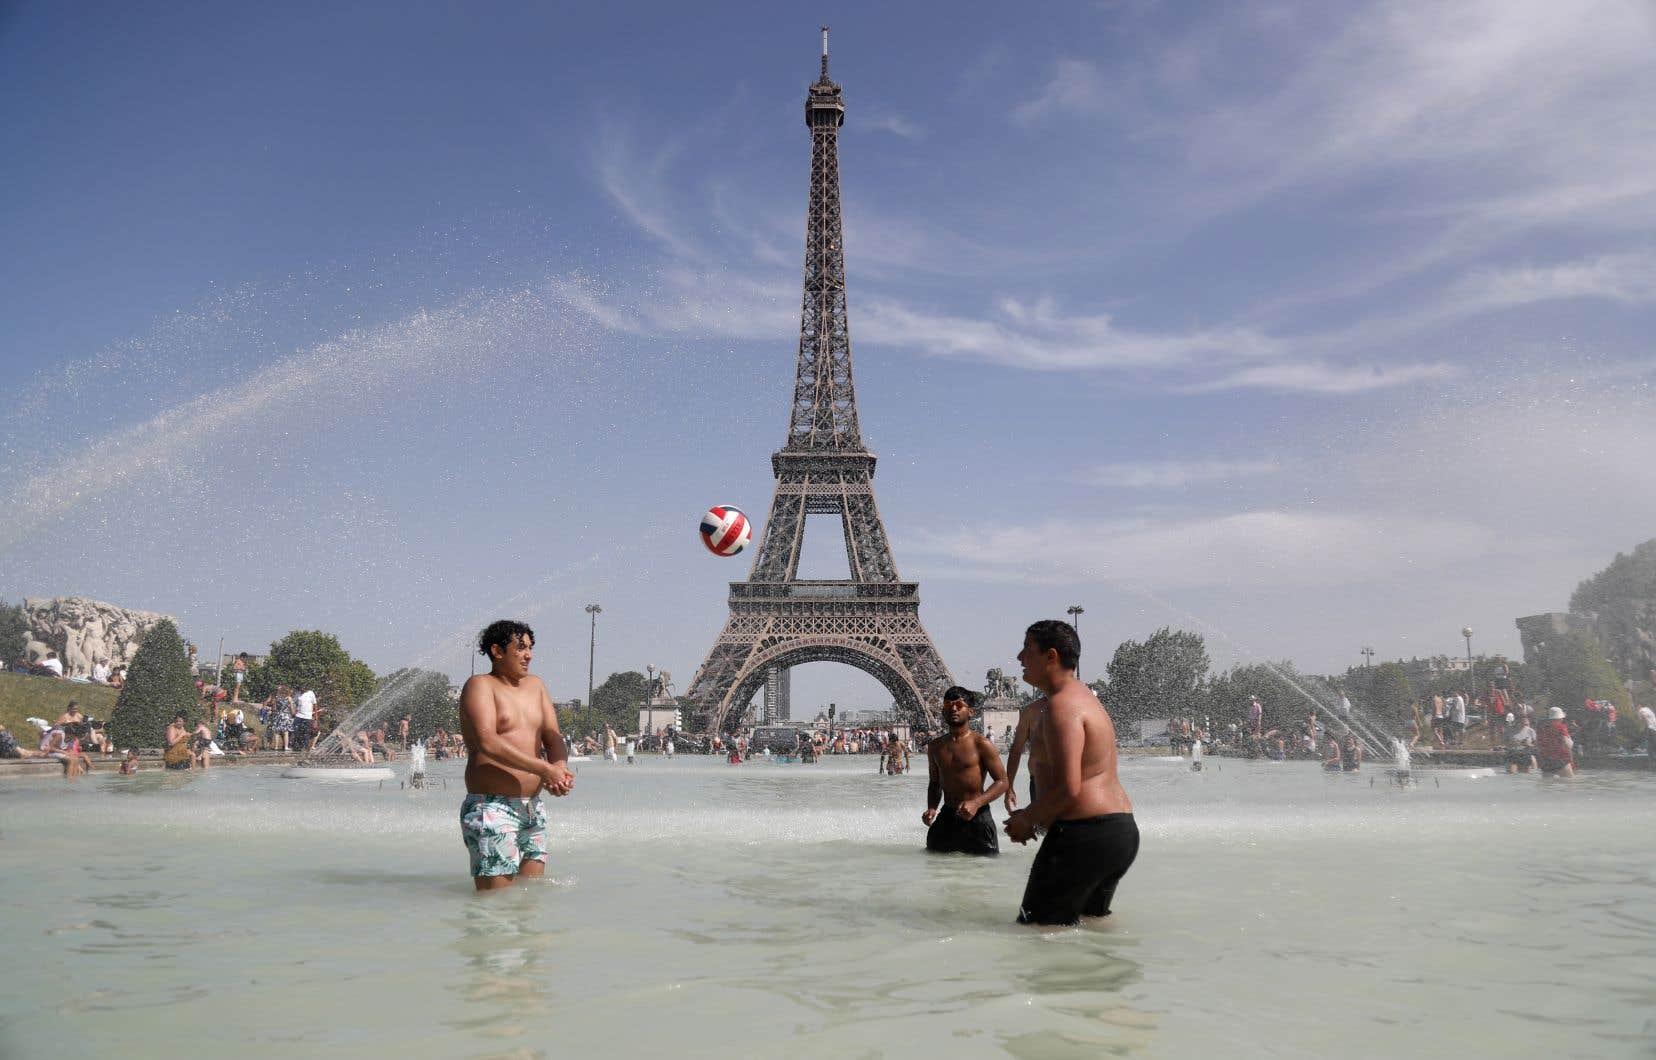 C'est surtout l'Europe qui a eu chaud, avec une température d'environ 2°C supérieure à la normale.